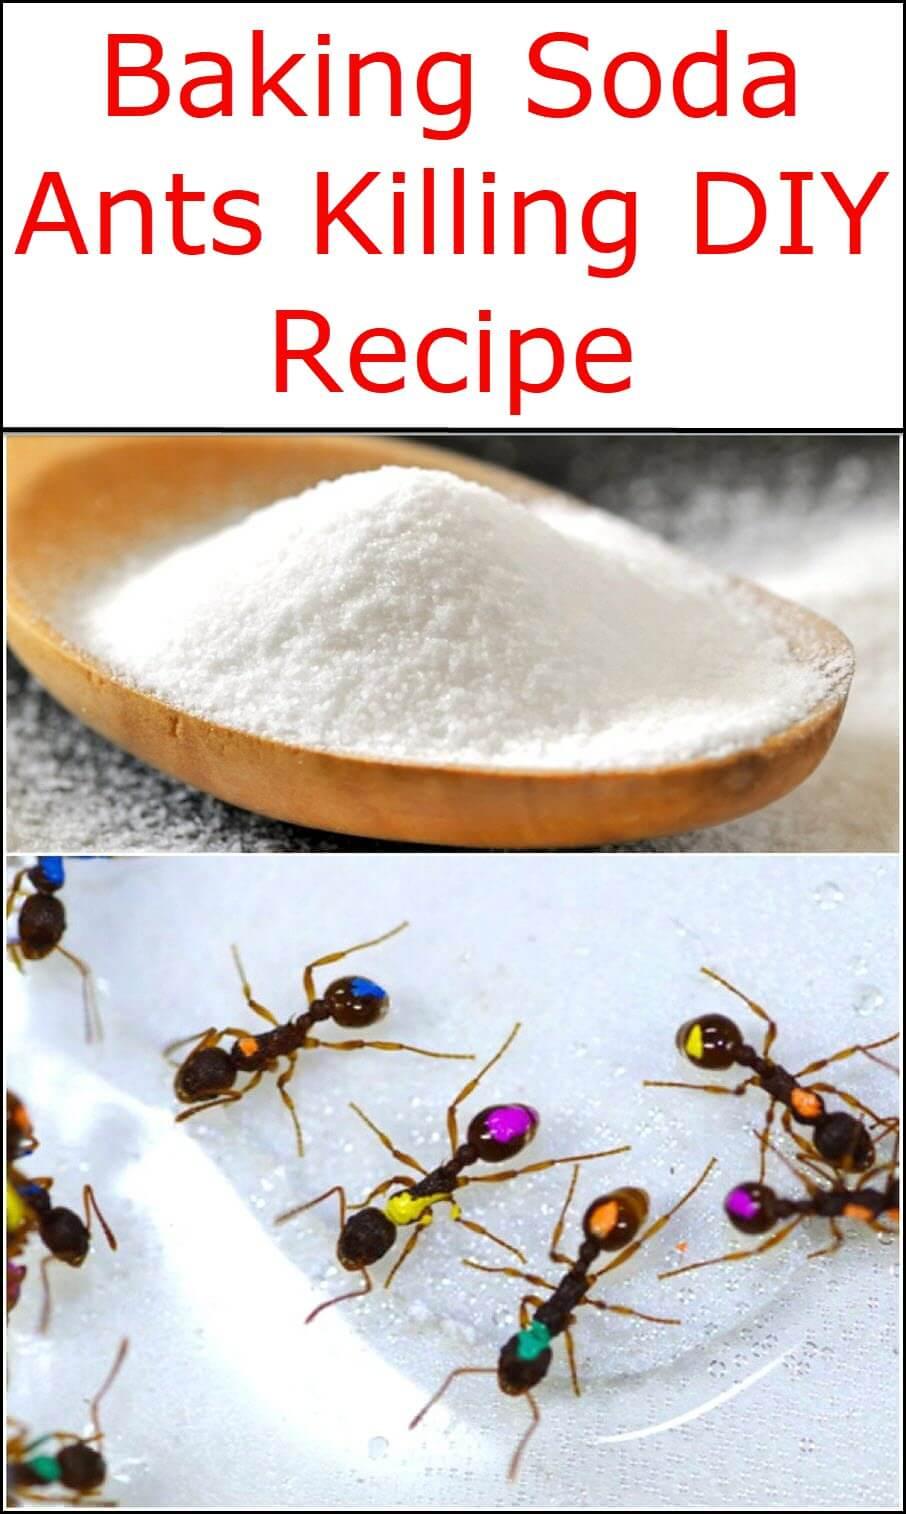 Baking Soda Ants Killing DIY Recipe